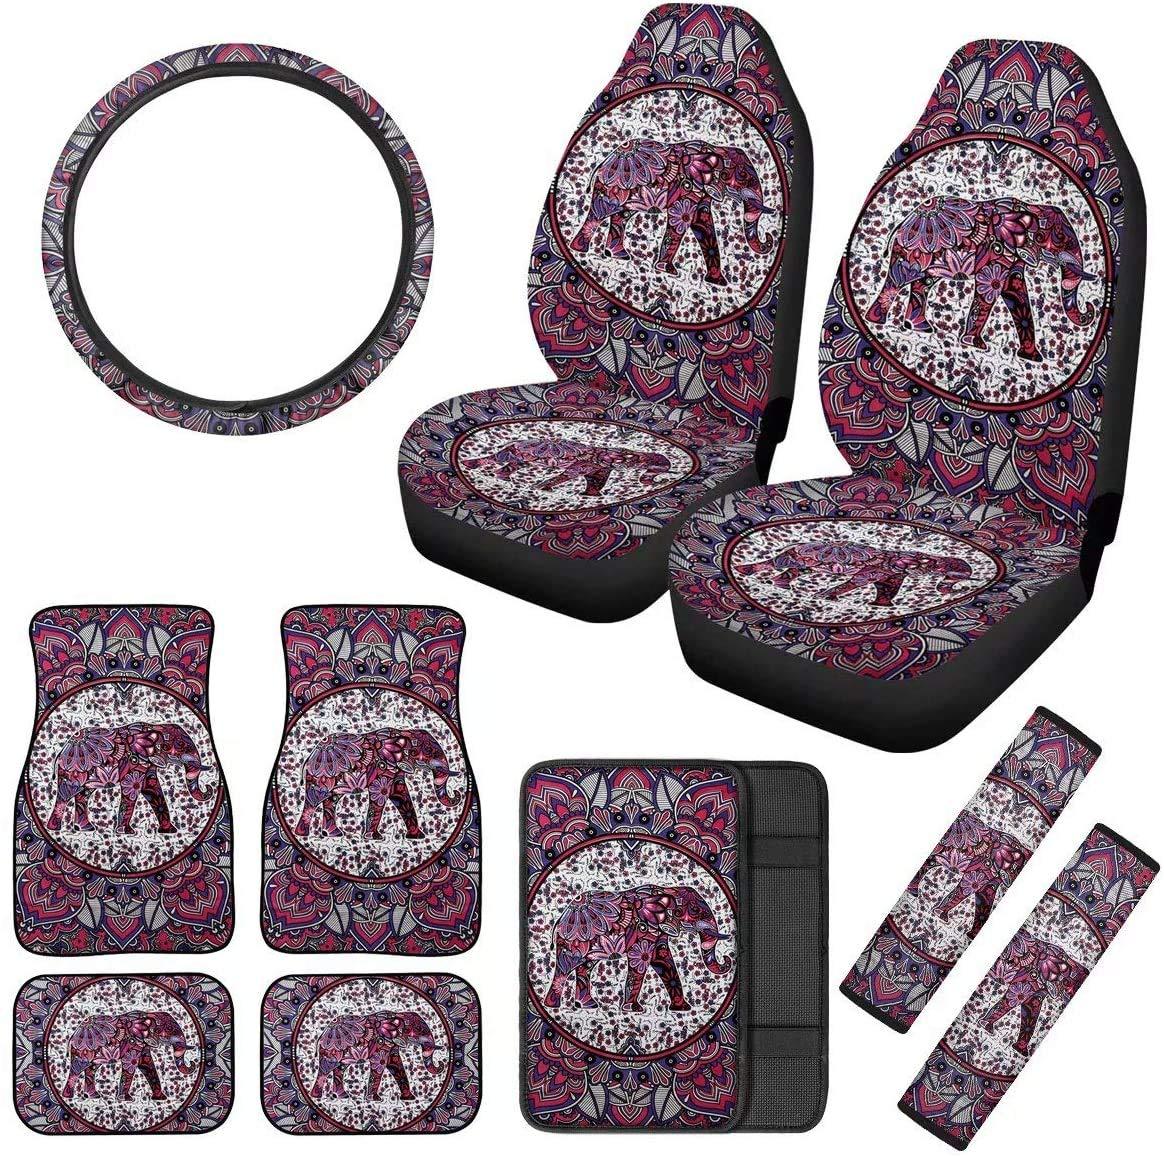 Amazon Com Cozeyat Boho Elephant Auto Seat Covers Car Interior Decor Full Set 10pcs Women Girly Vehicle Accessory Fashion Car Decoration Automotive